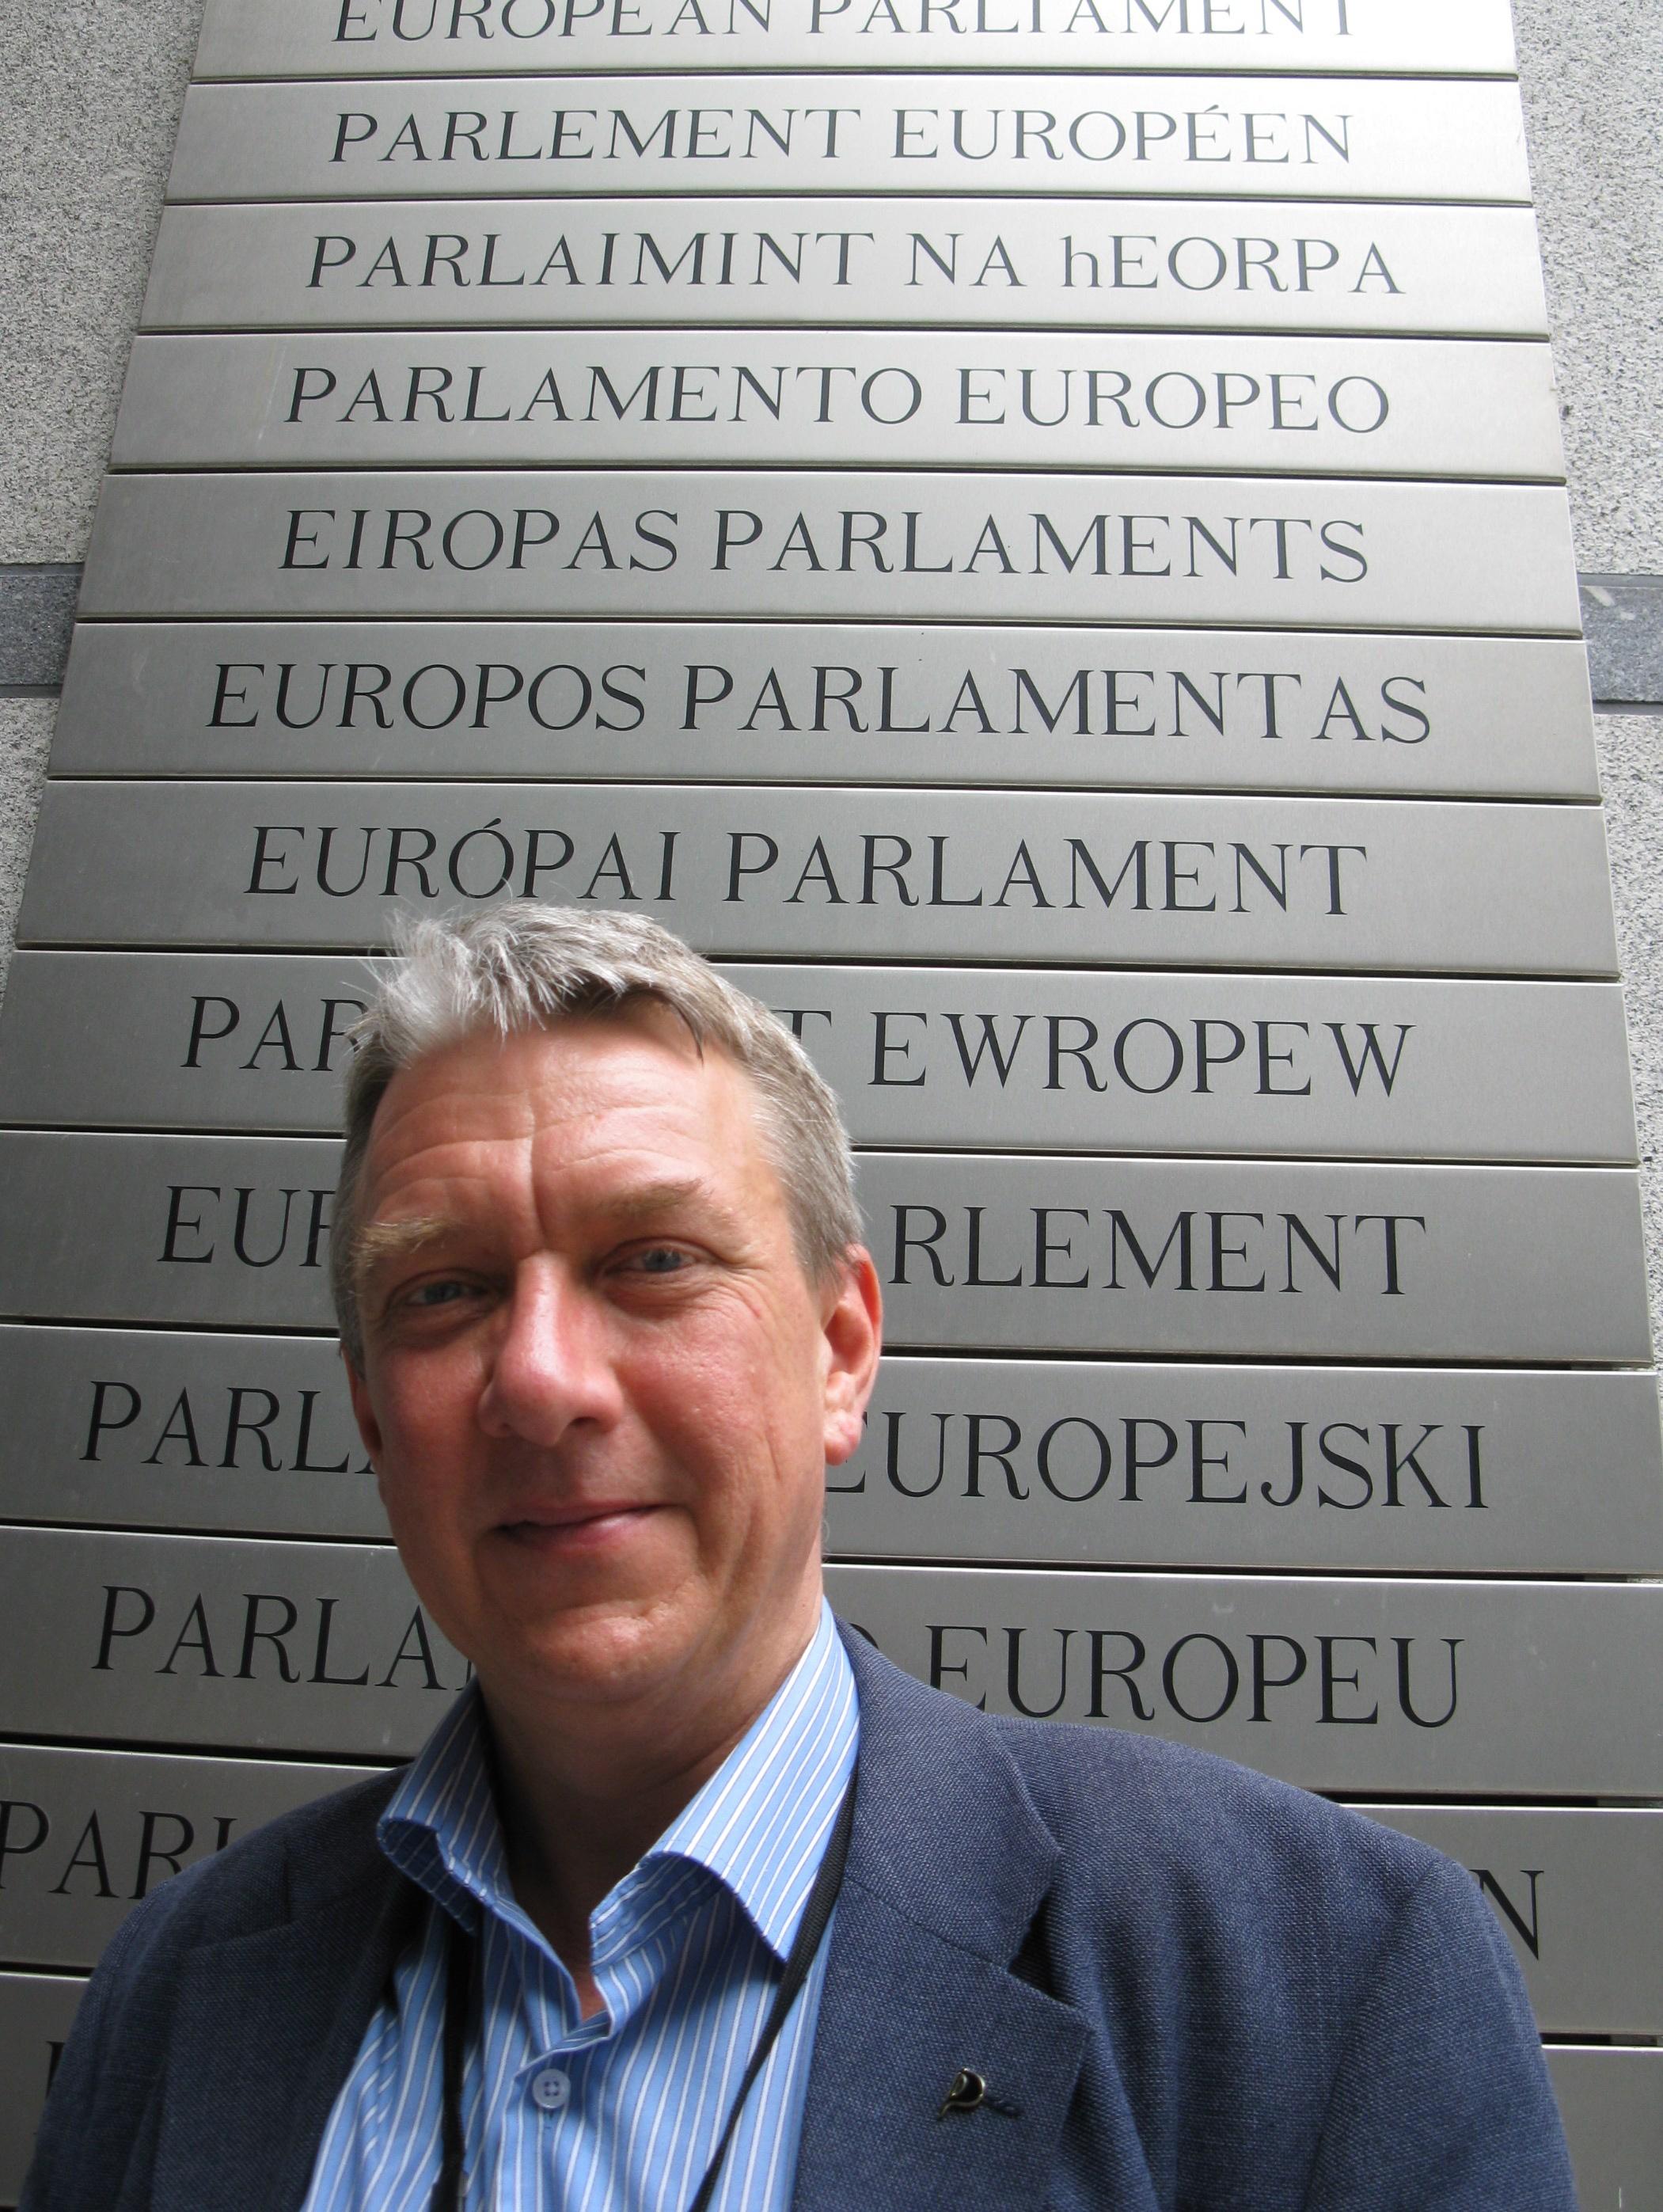 Eu parlamentarikerna far mer betalt i manaden